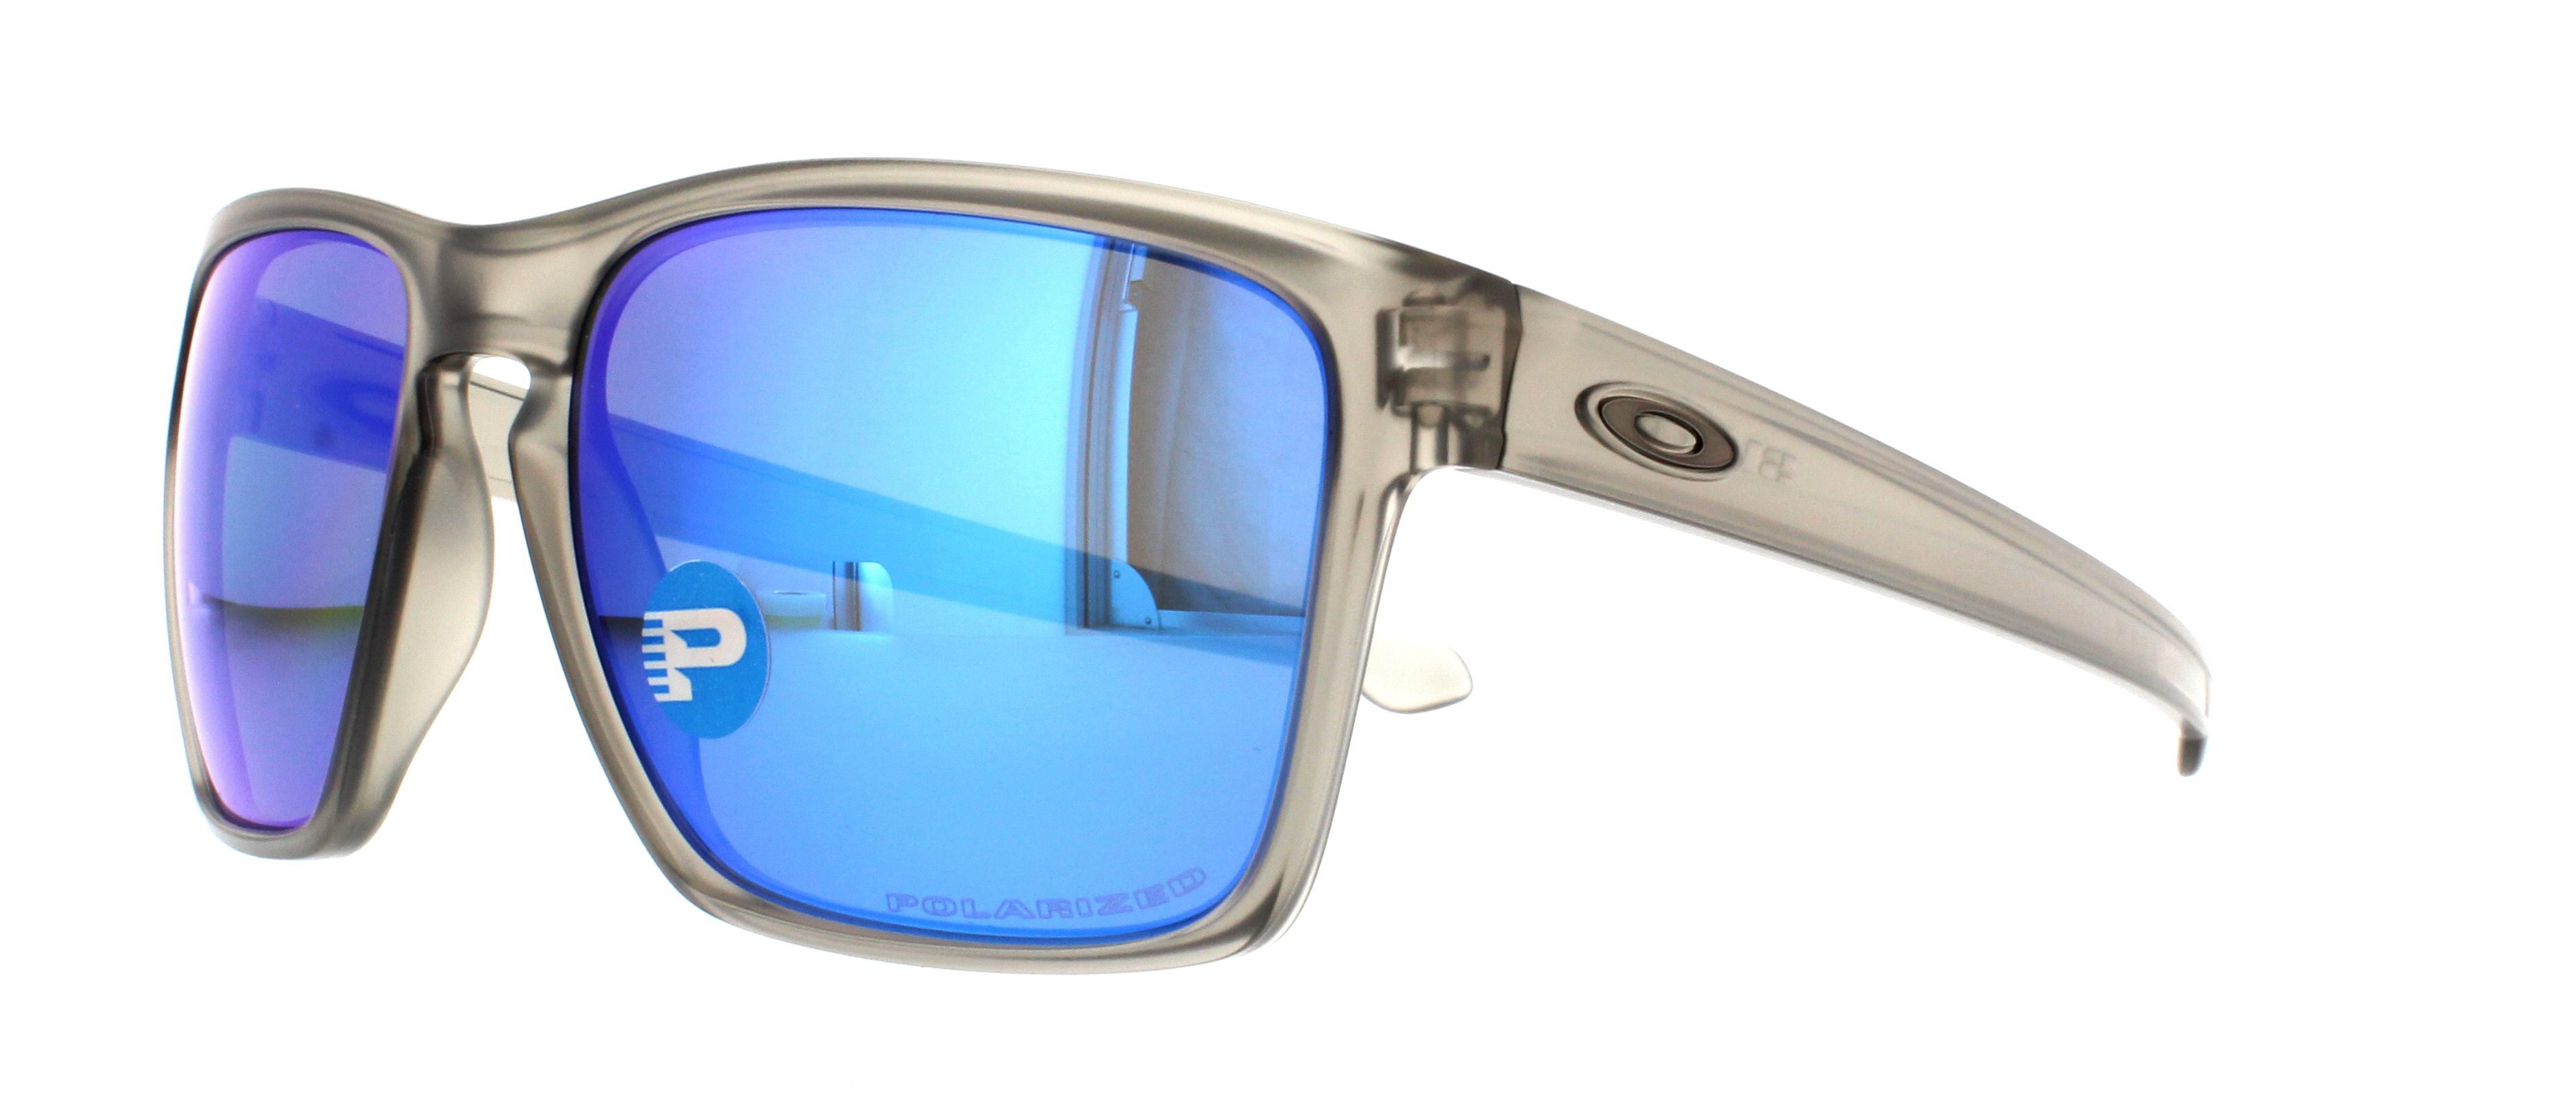 d90185c6960 Designer Frames Outlet. Oakley SLIVER XL